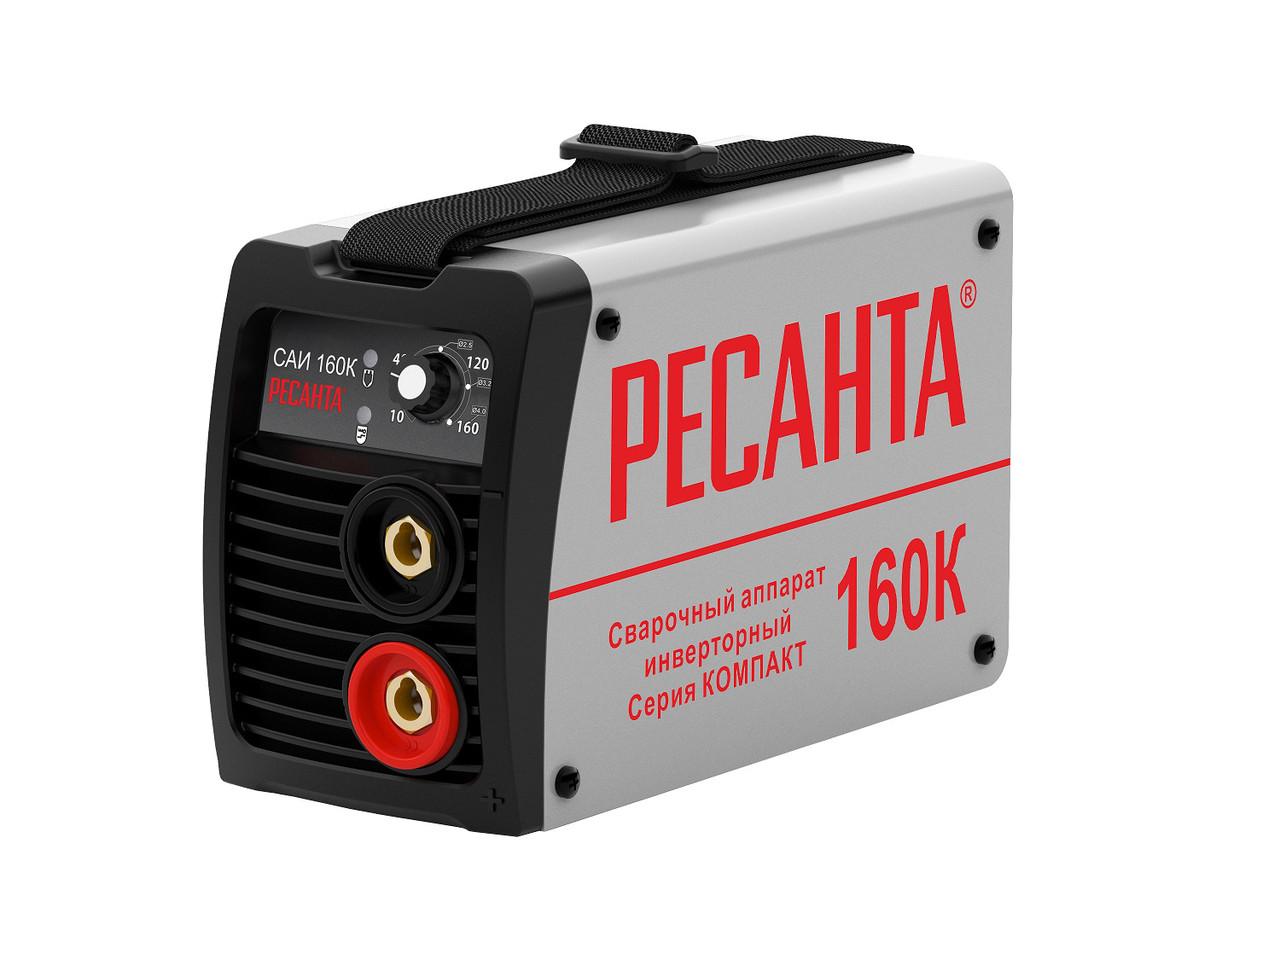 Сварочный аппарат инверторный ресанта 160 цена сварочный аппарат напрокат в воронеже